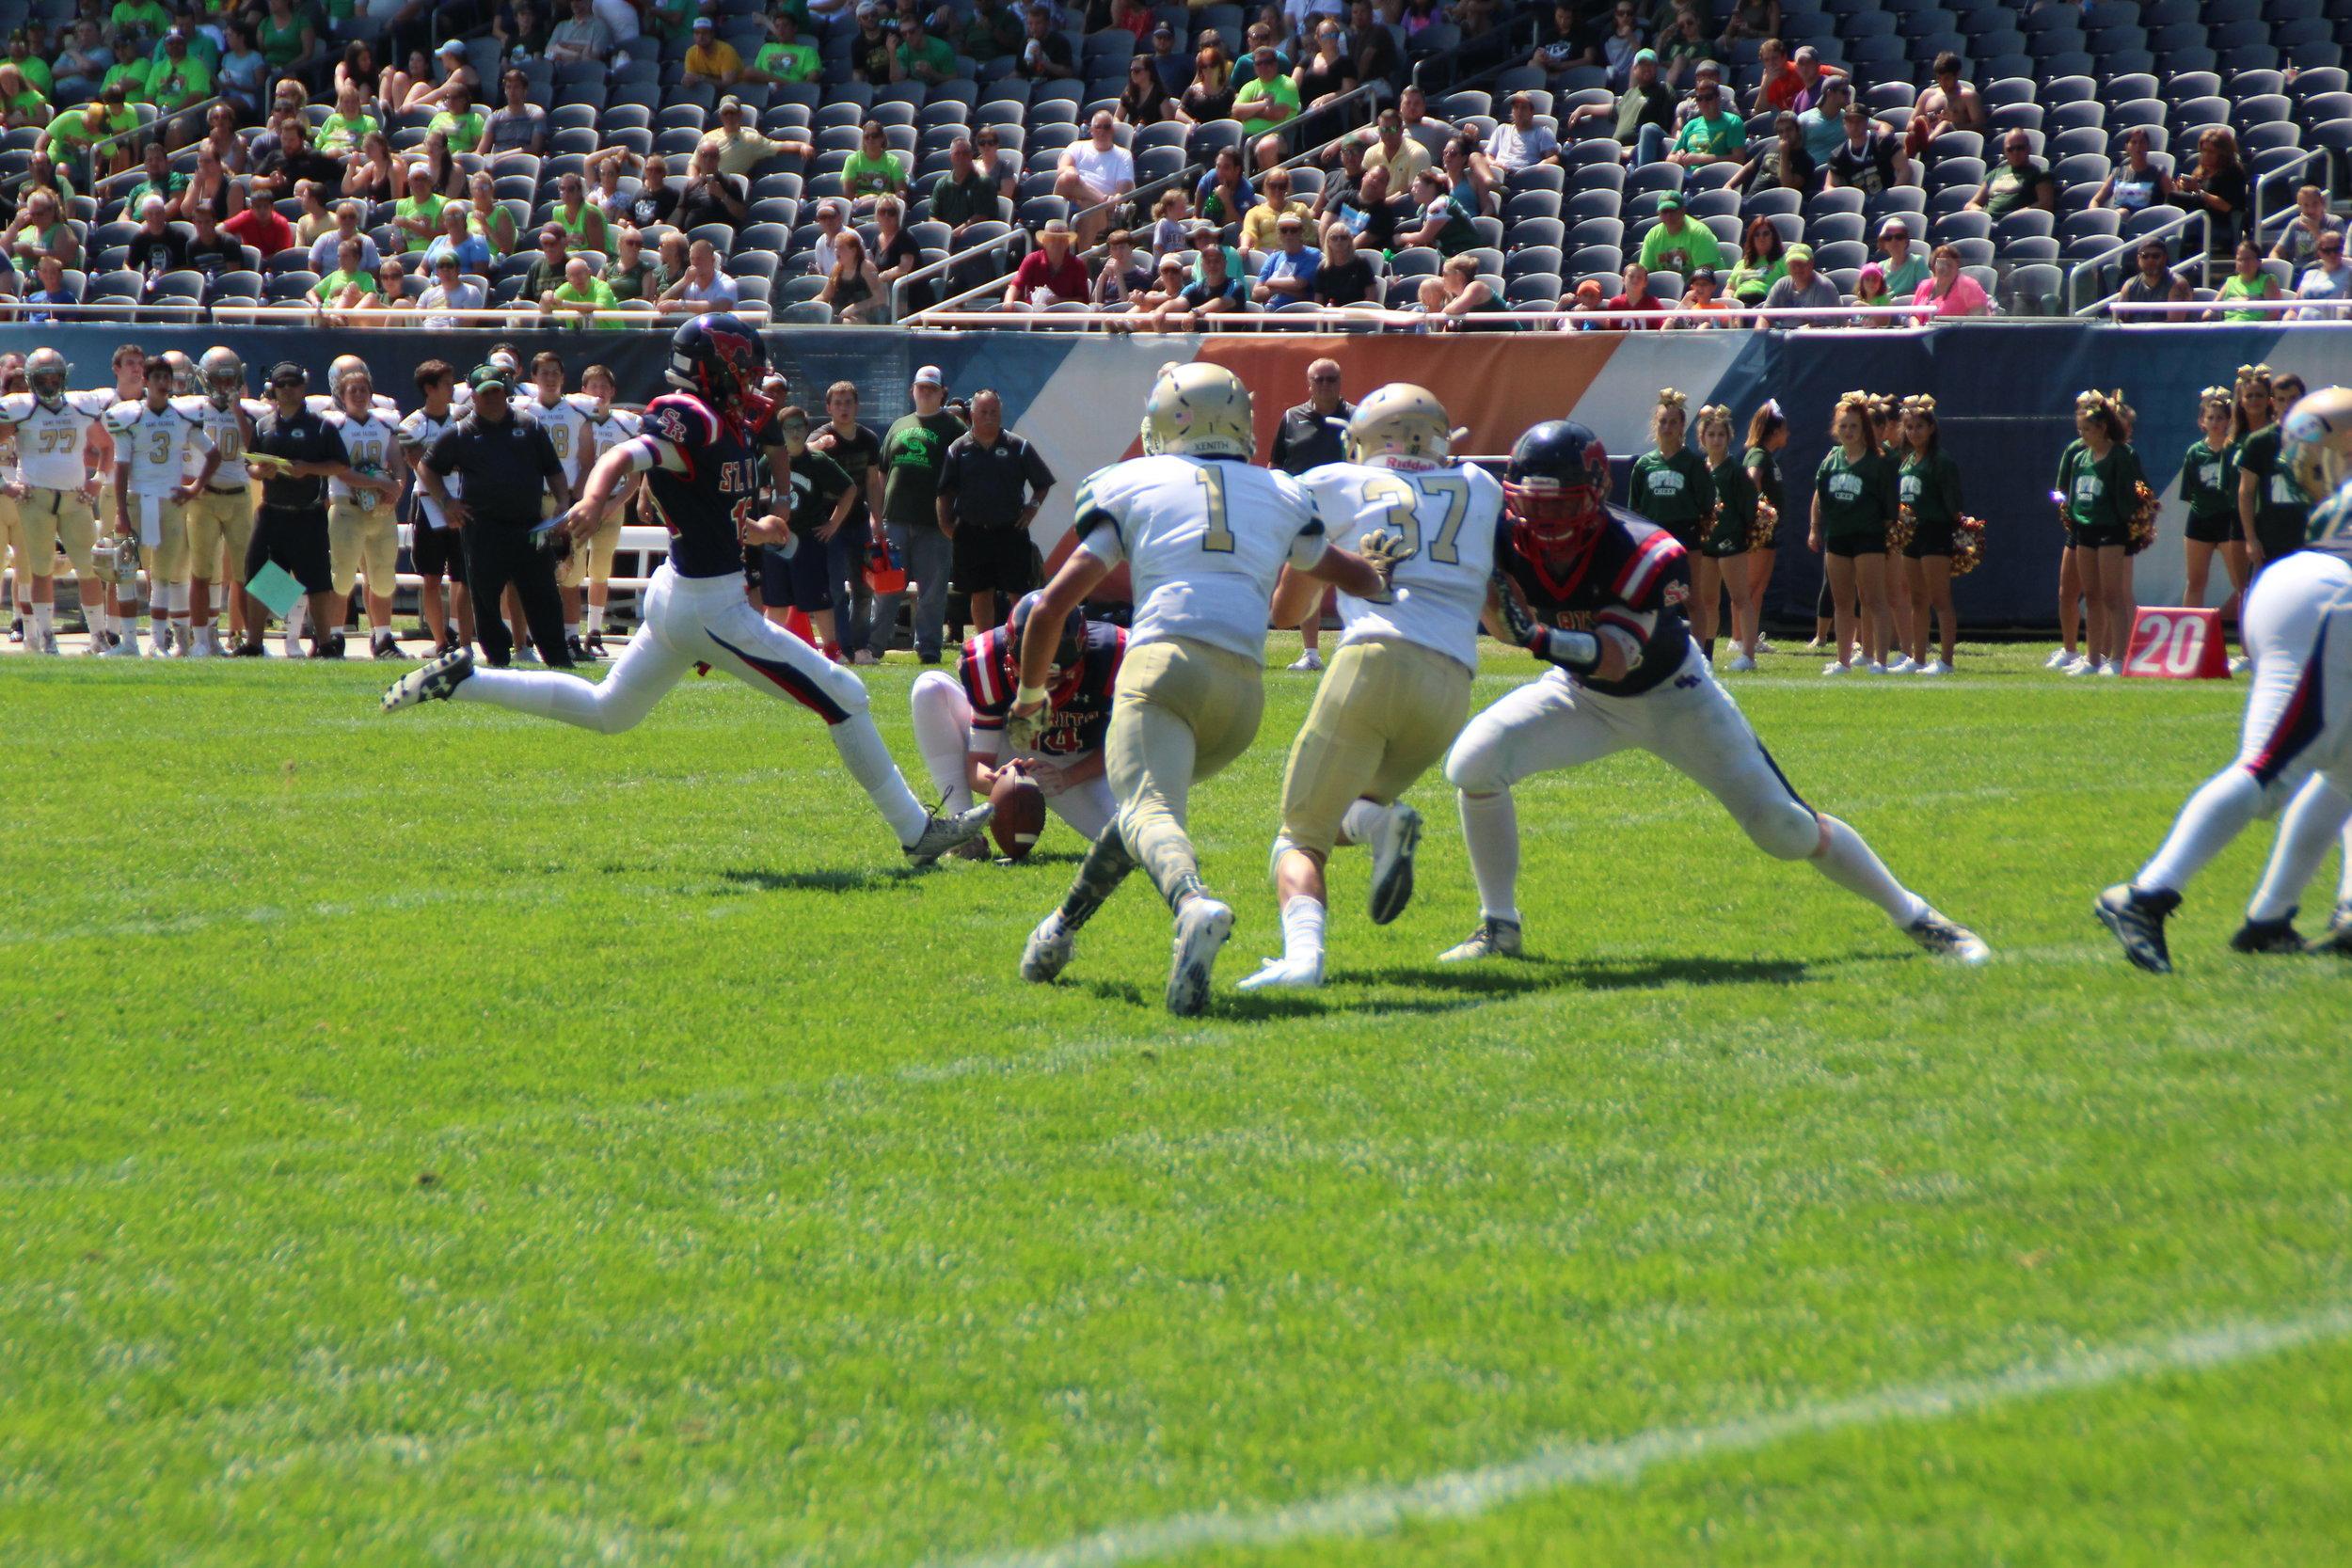 St. Rita Sophomore Kicker Gavin Mottl kicks an extra point at Soldier Field